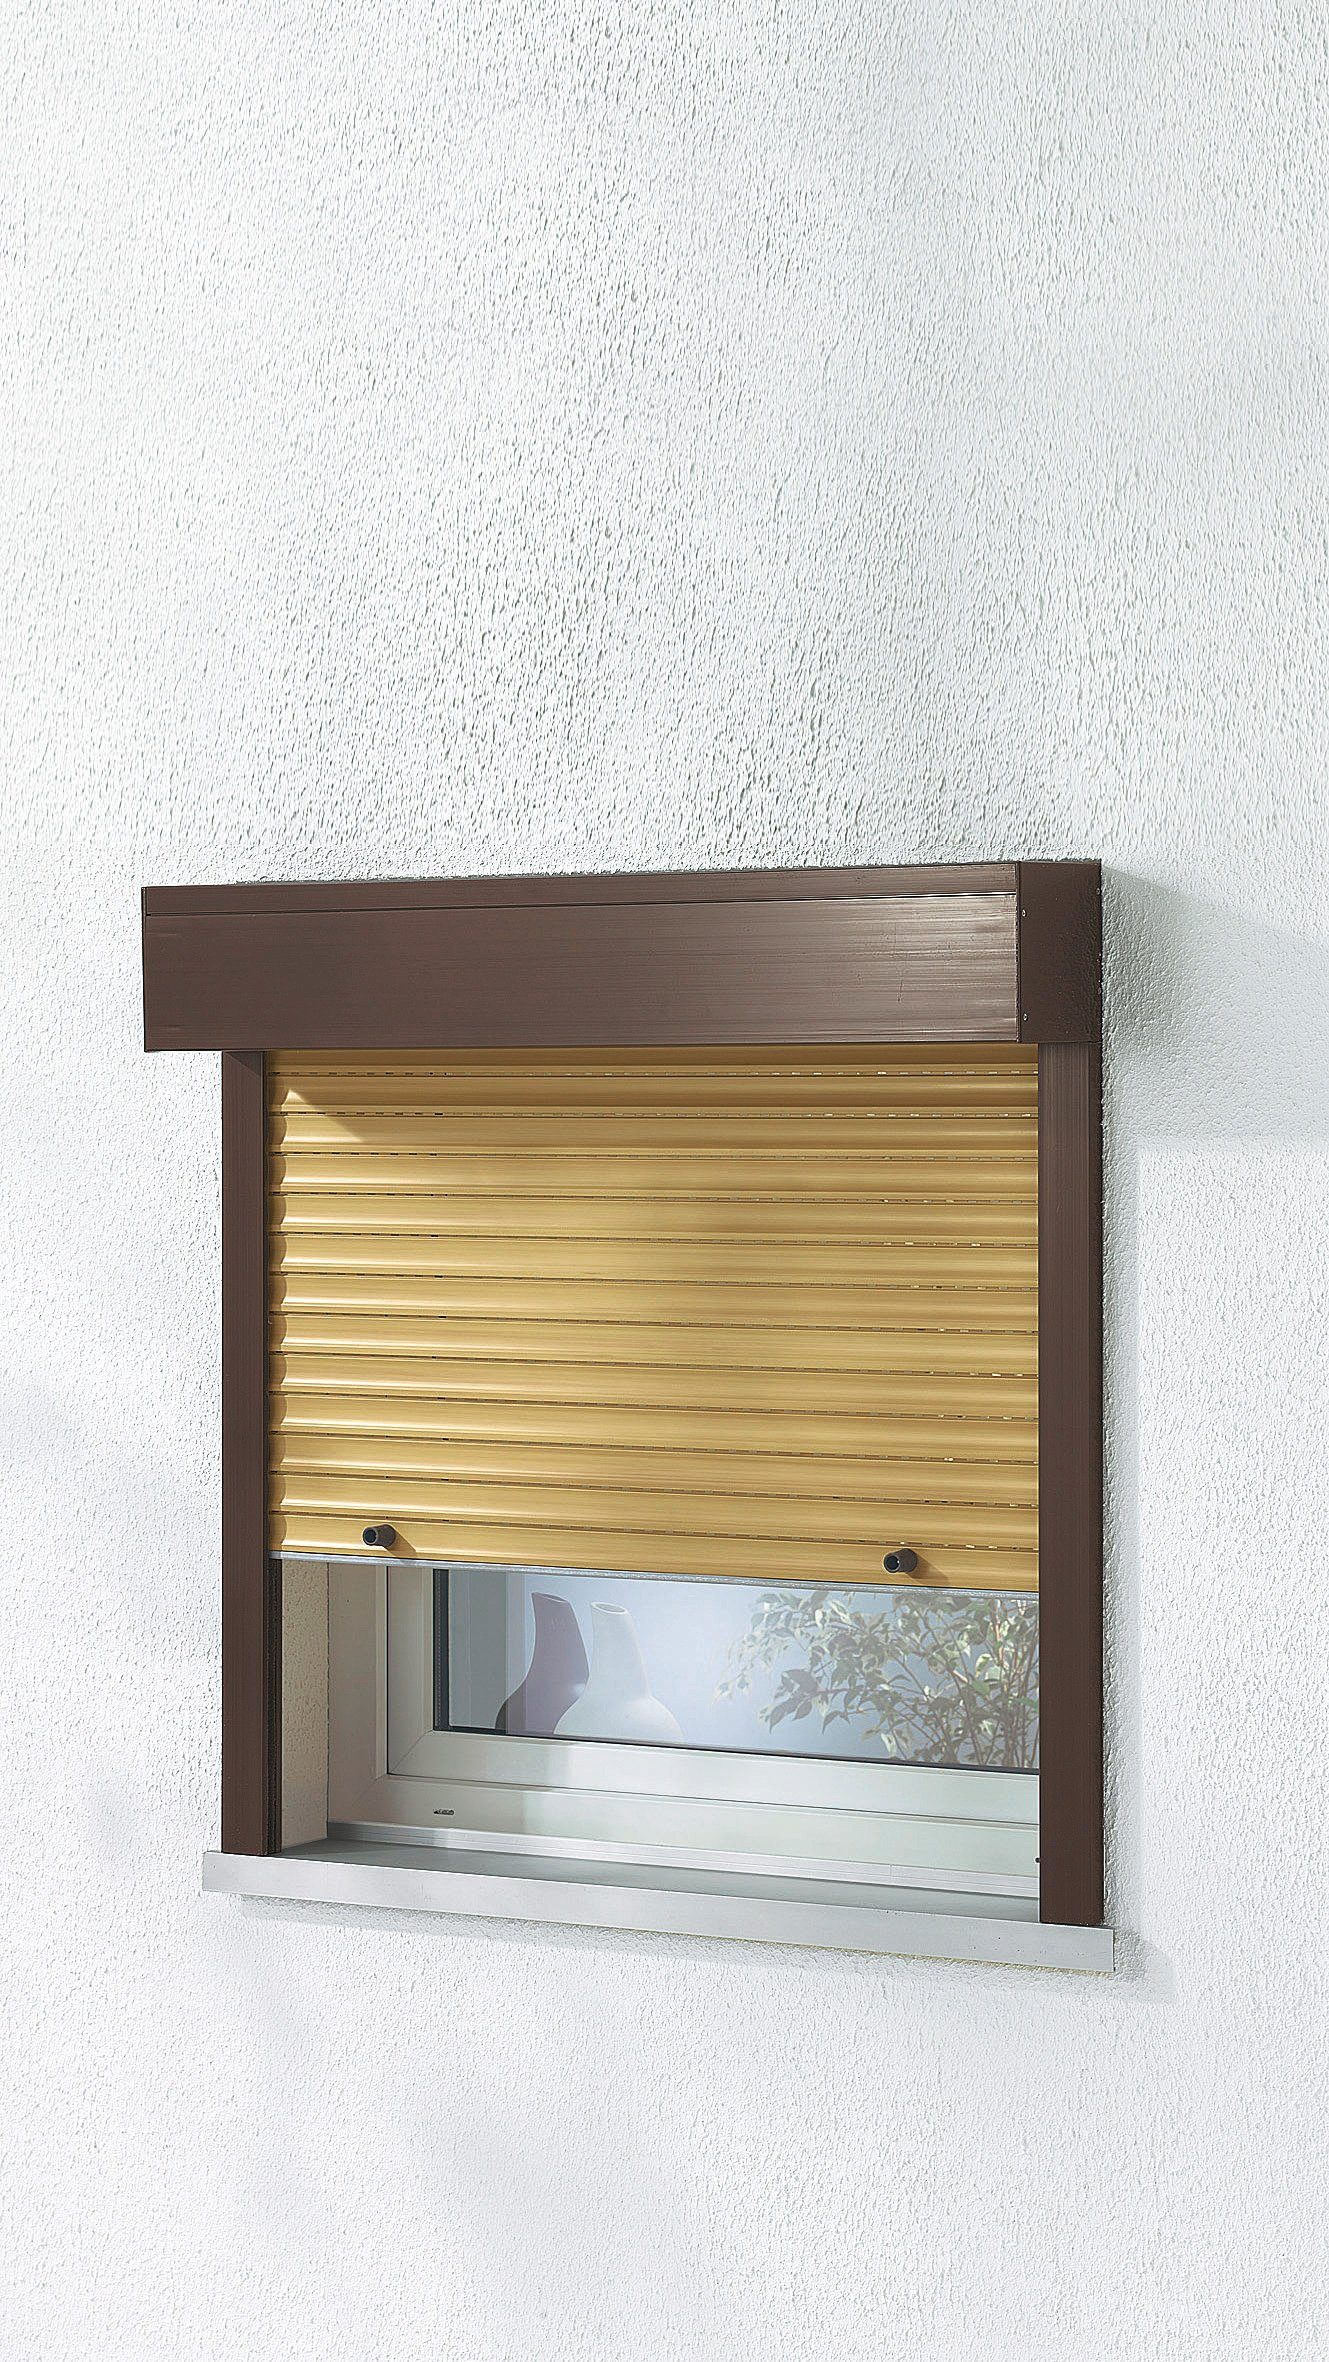 Kunststoff »Vorbau Rollladen« Sondermaß Breite, Höhe: 100 cm, holzfarben-braun